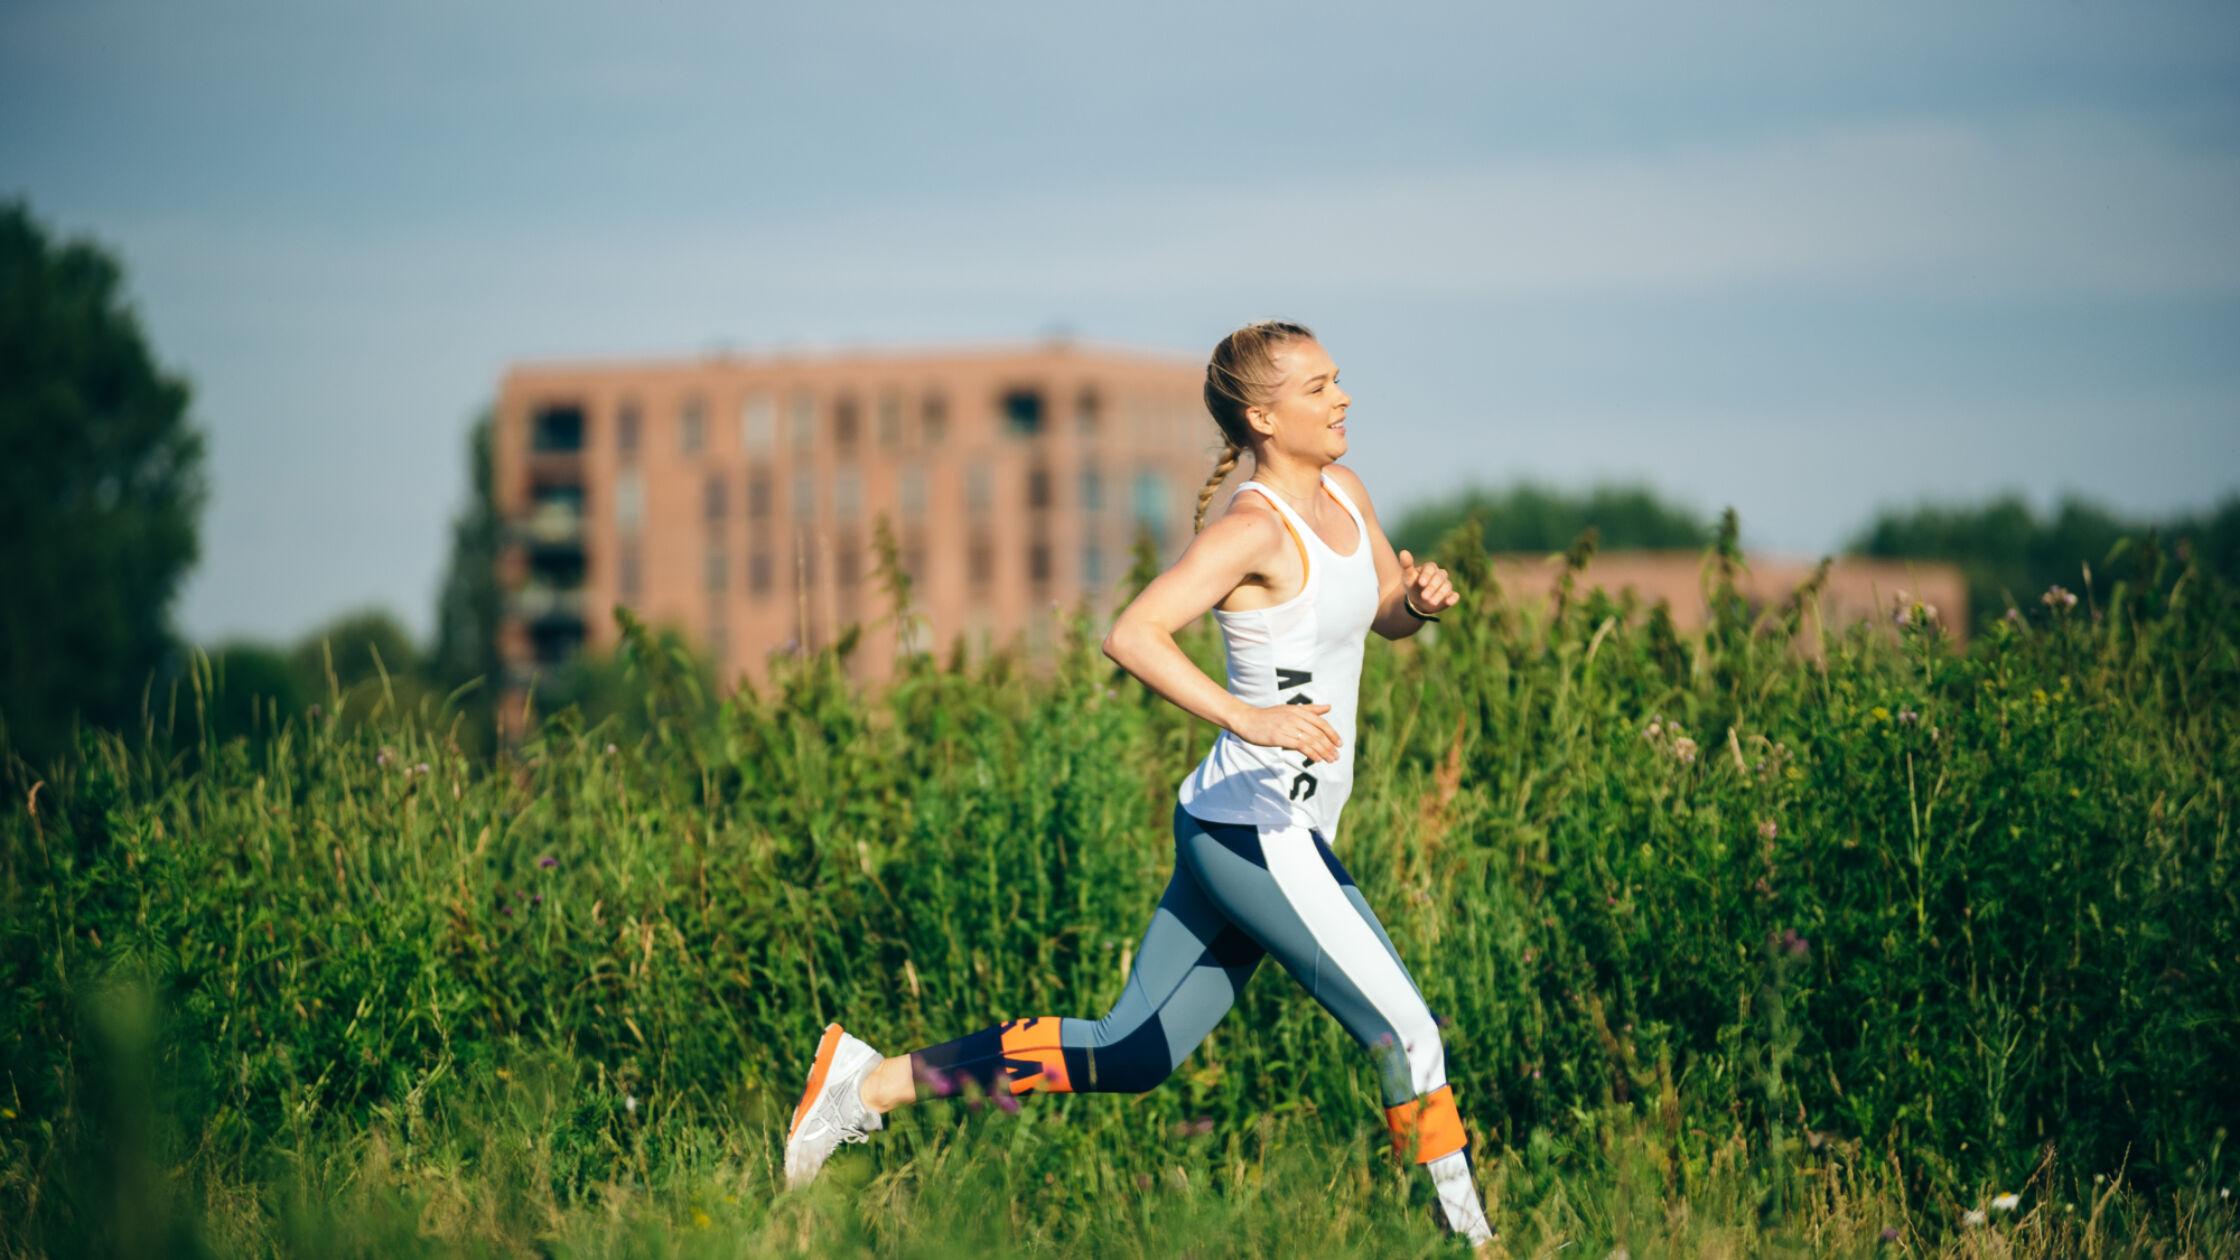 Verend hardlopen: voordelig of energieverspilling?